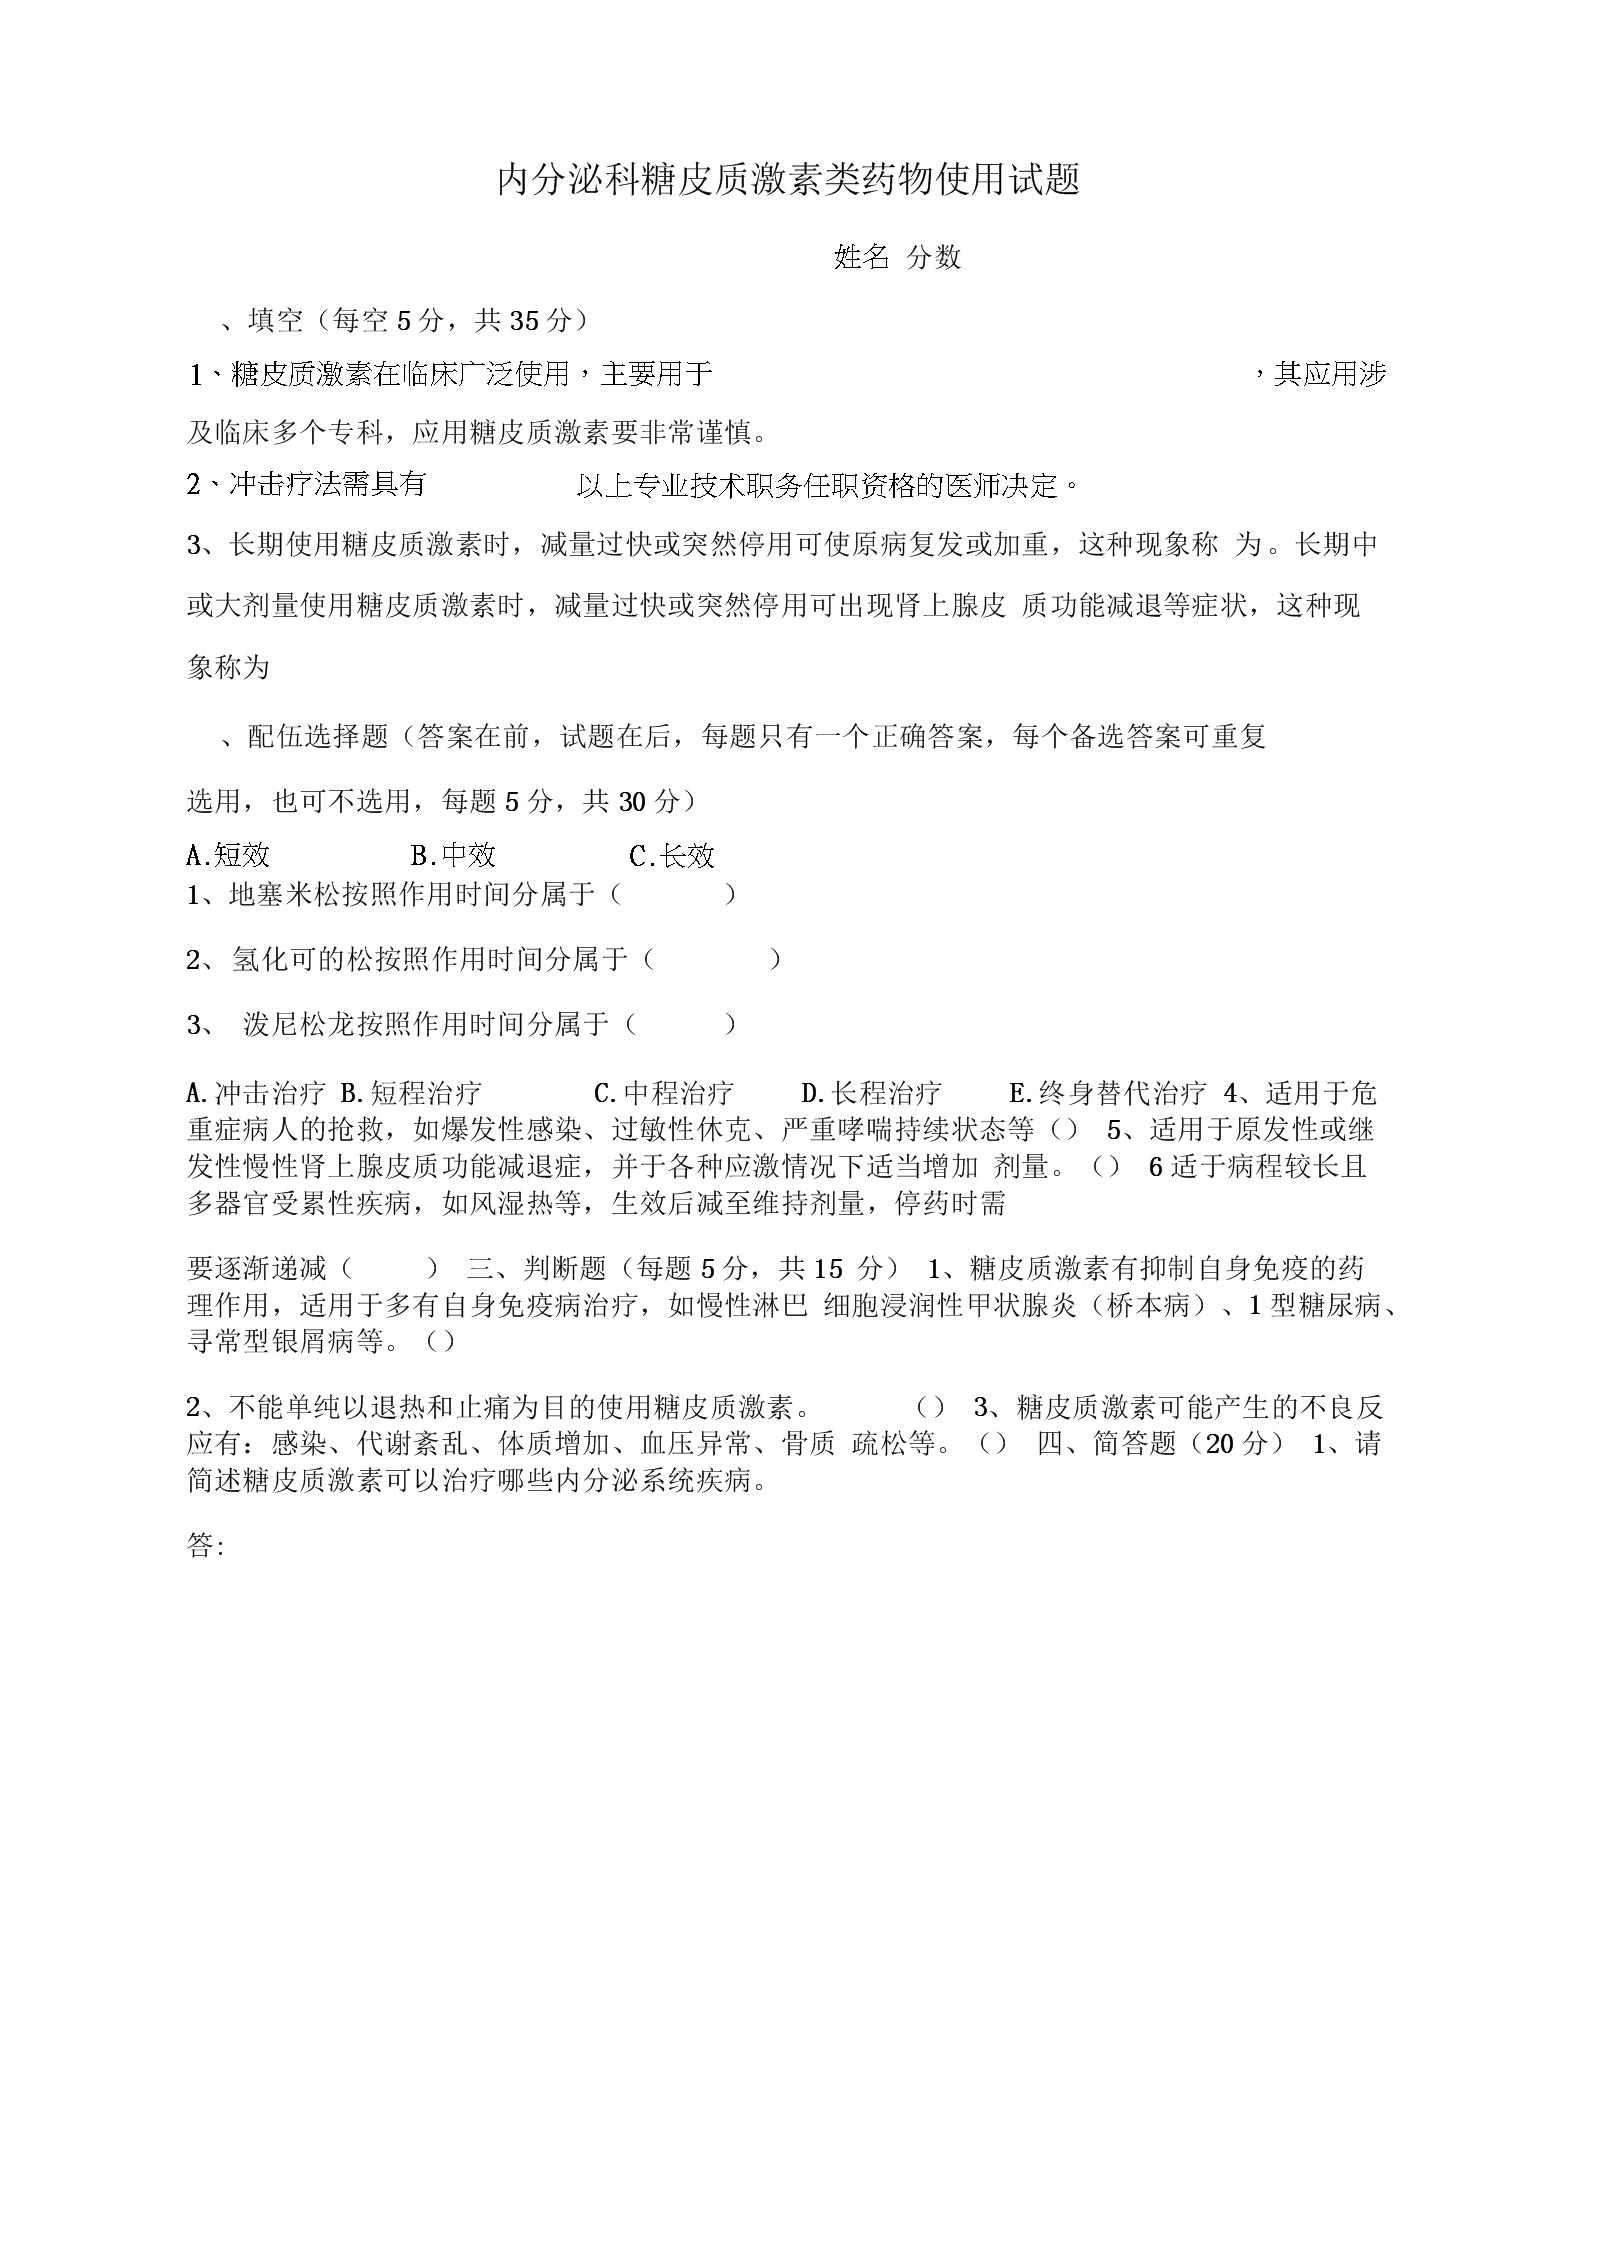 内分泌科糖皮质激素应用试题及答案.docx